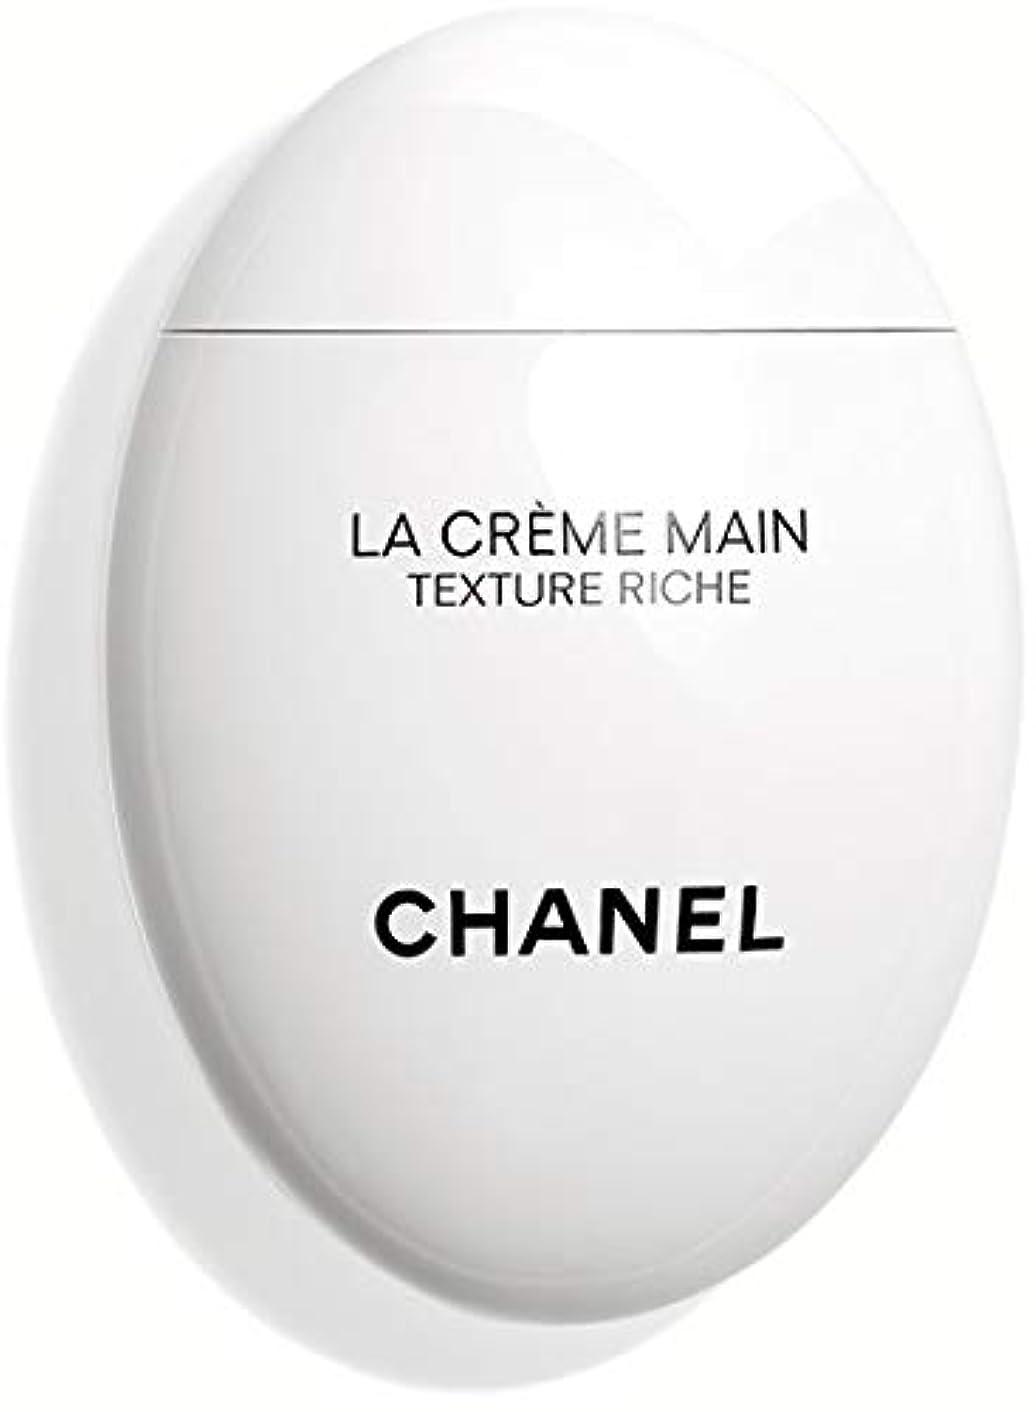 アシュリータファーマン抵当地図CHANEL LA CREME MAIN TEXTURE RICHE シャネル ラ クレーム マン リッシュ ハンドクリーム (リッチ)50ml オリジナルラッピング&ショップバッグ